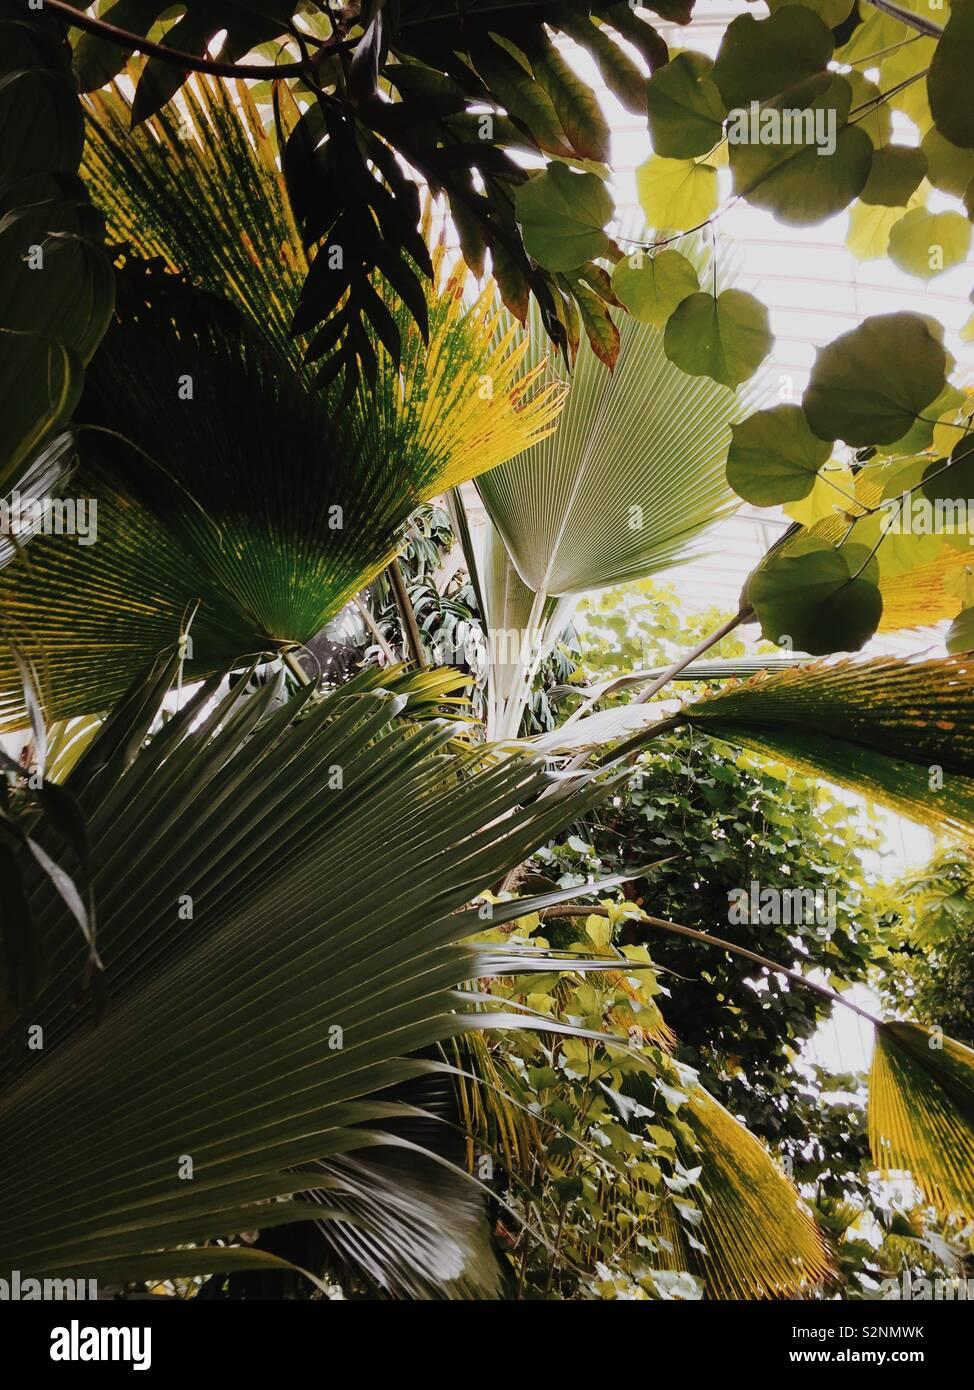 Feuilles de palmier géant en serre de Kew Gardens Photo Stock